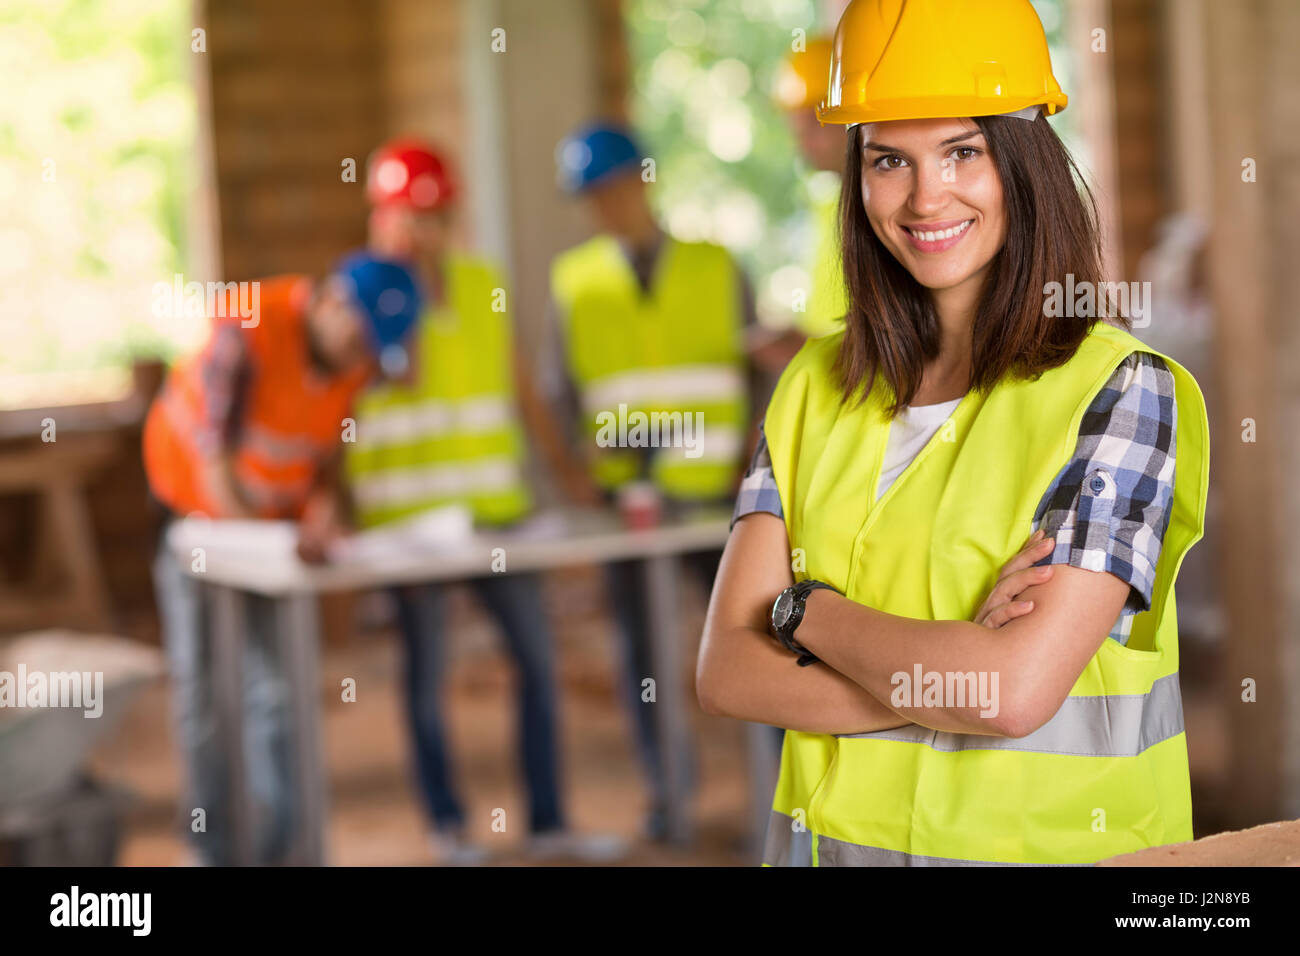 Porträt des jungen Studenten der Architektur posiert auf Baustelle Stockbild